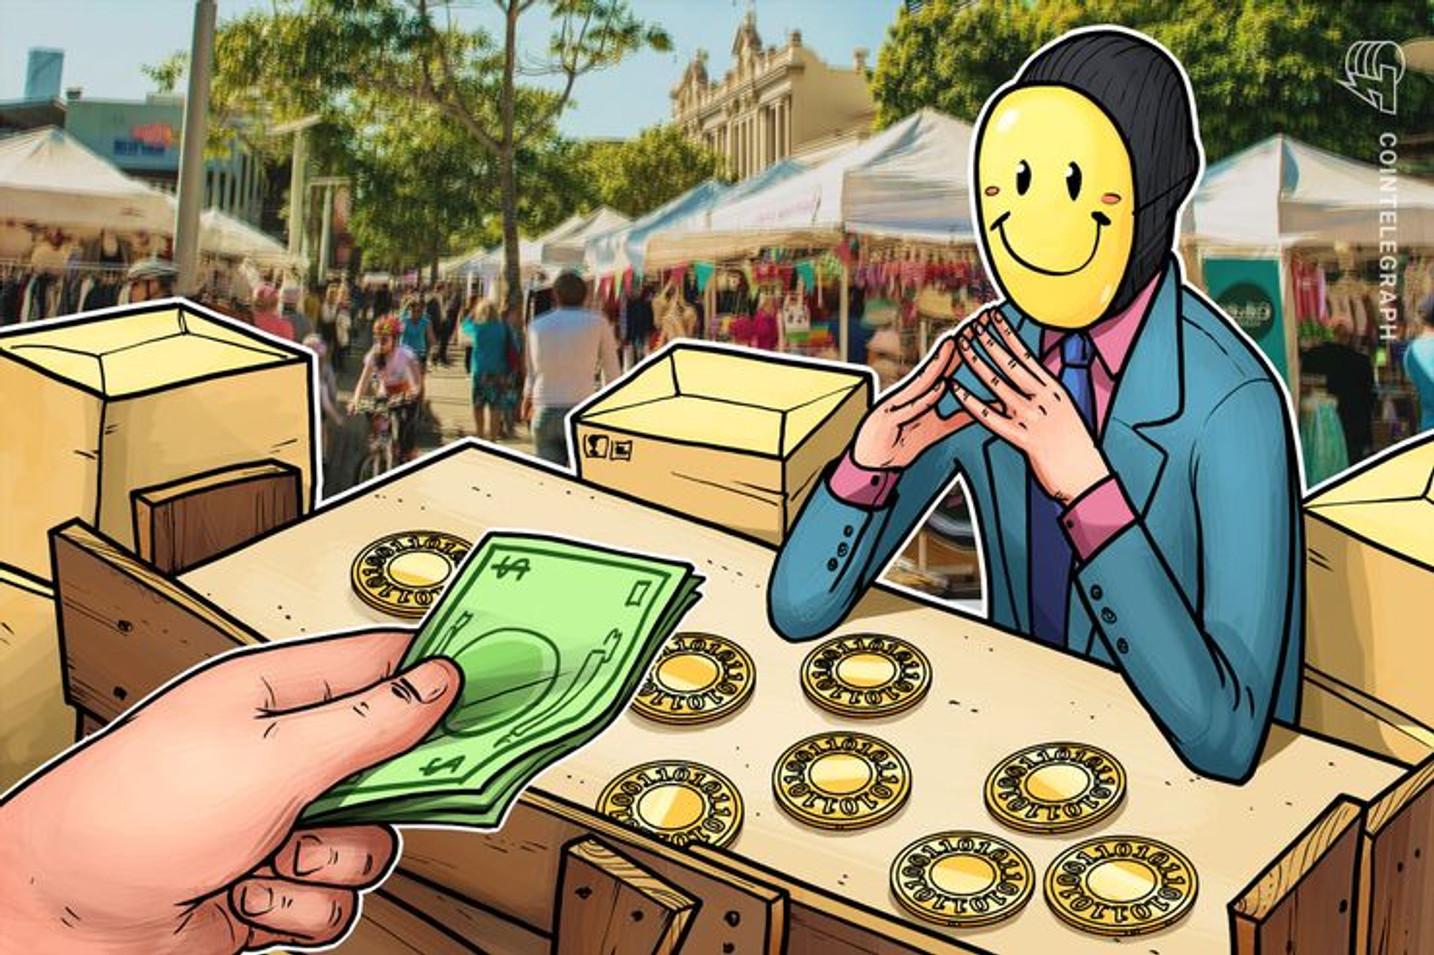 Exchange 3xBit é vítima de suposto golpe com Bitcoin e USDT que usa seu nome indevidamente